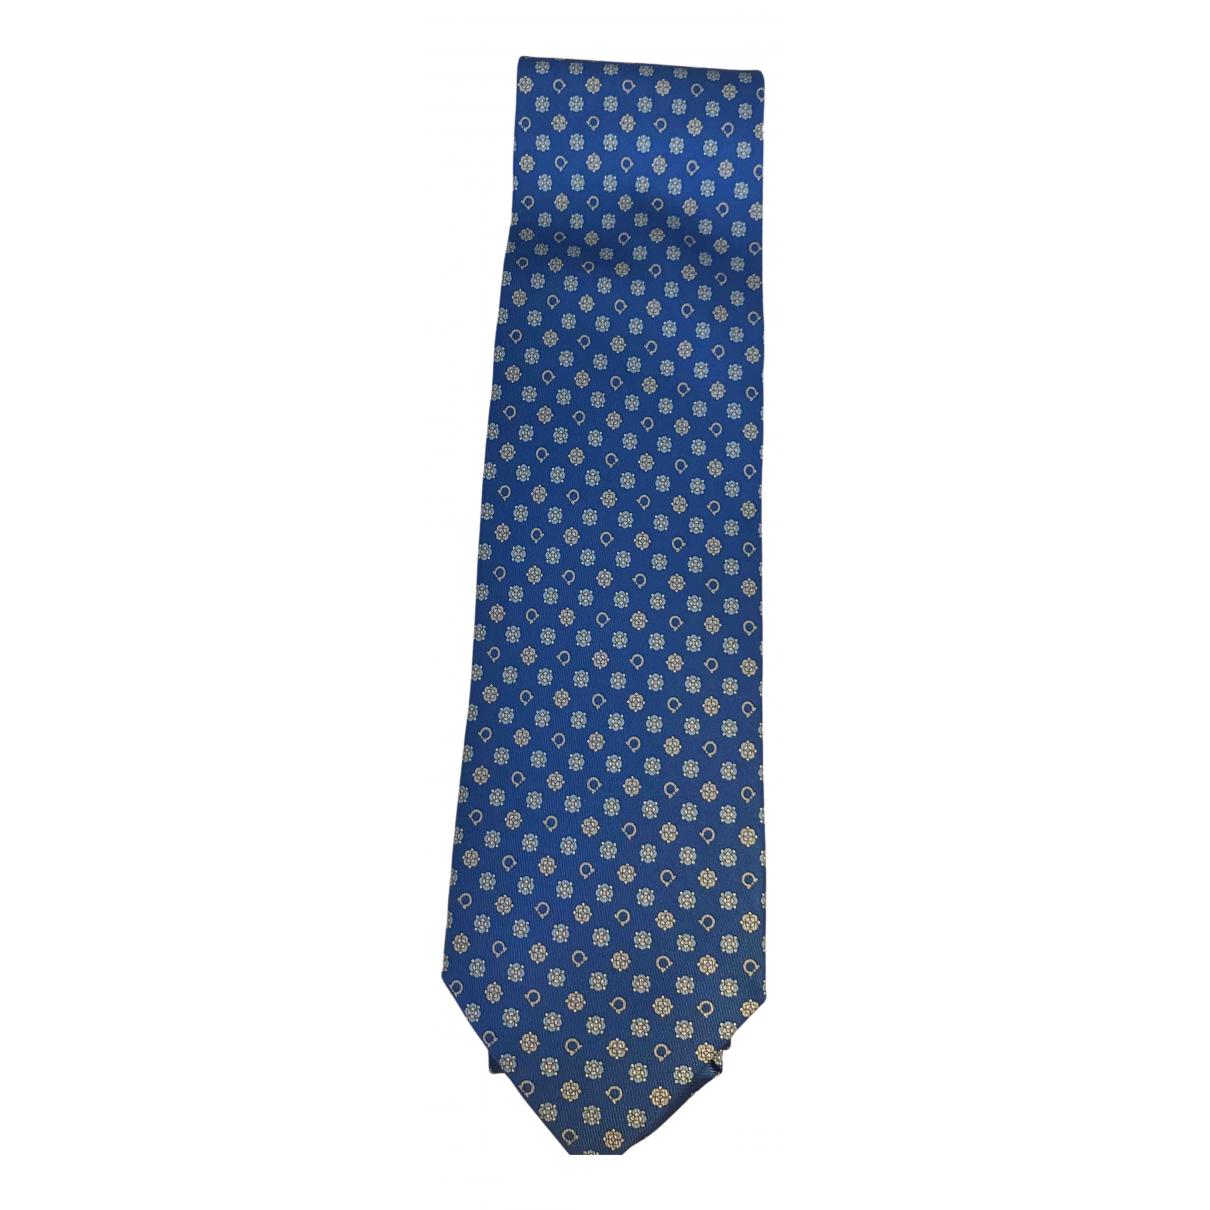 Salvatore Ferragamo - Cravates   pour homme en soie - bleu